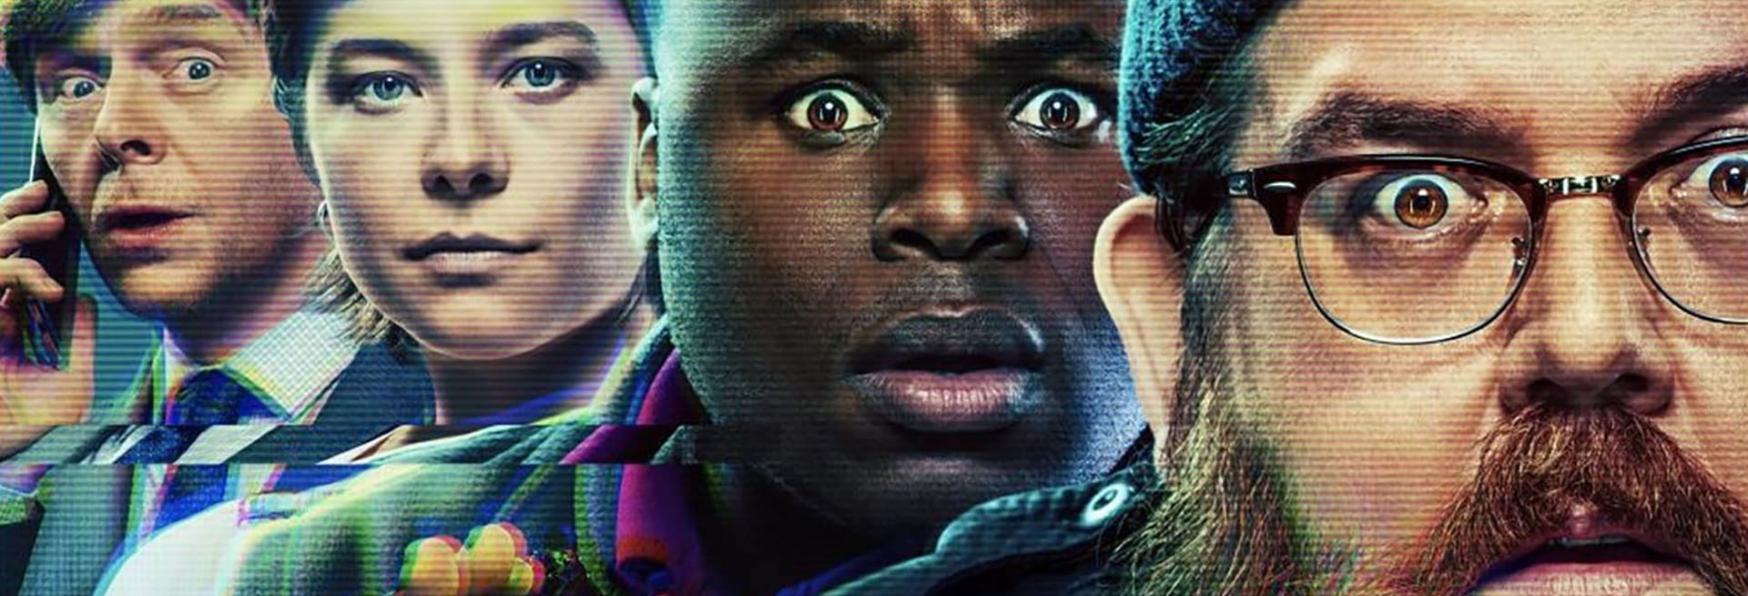 Truth Seekers 2 non ci sarà! Amazon Cancella la Serie TV dopo solo una Stagione